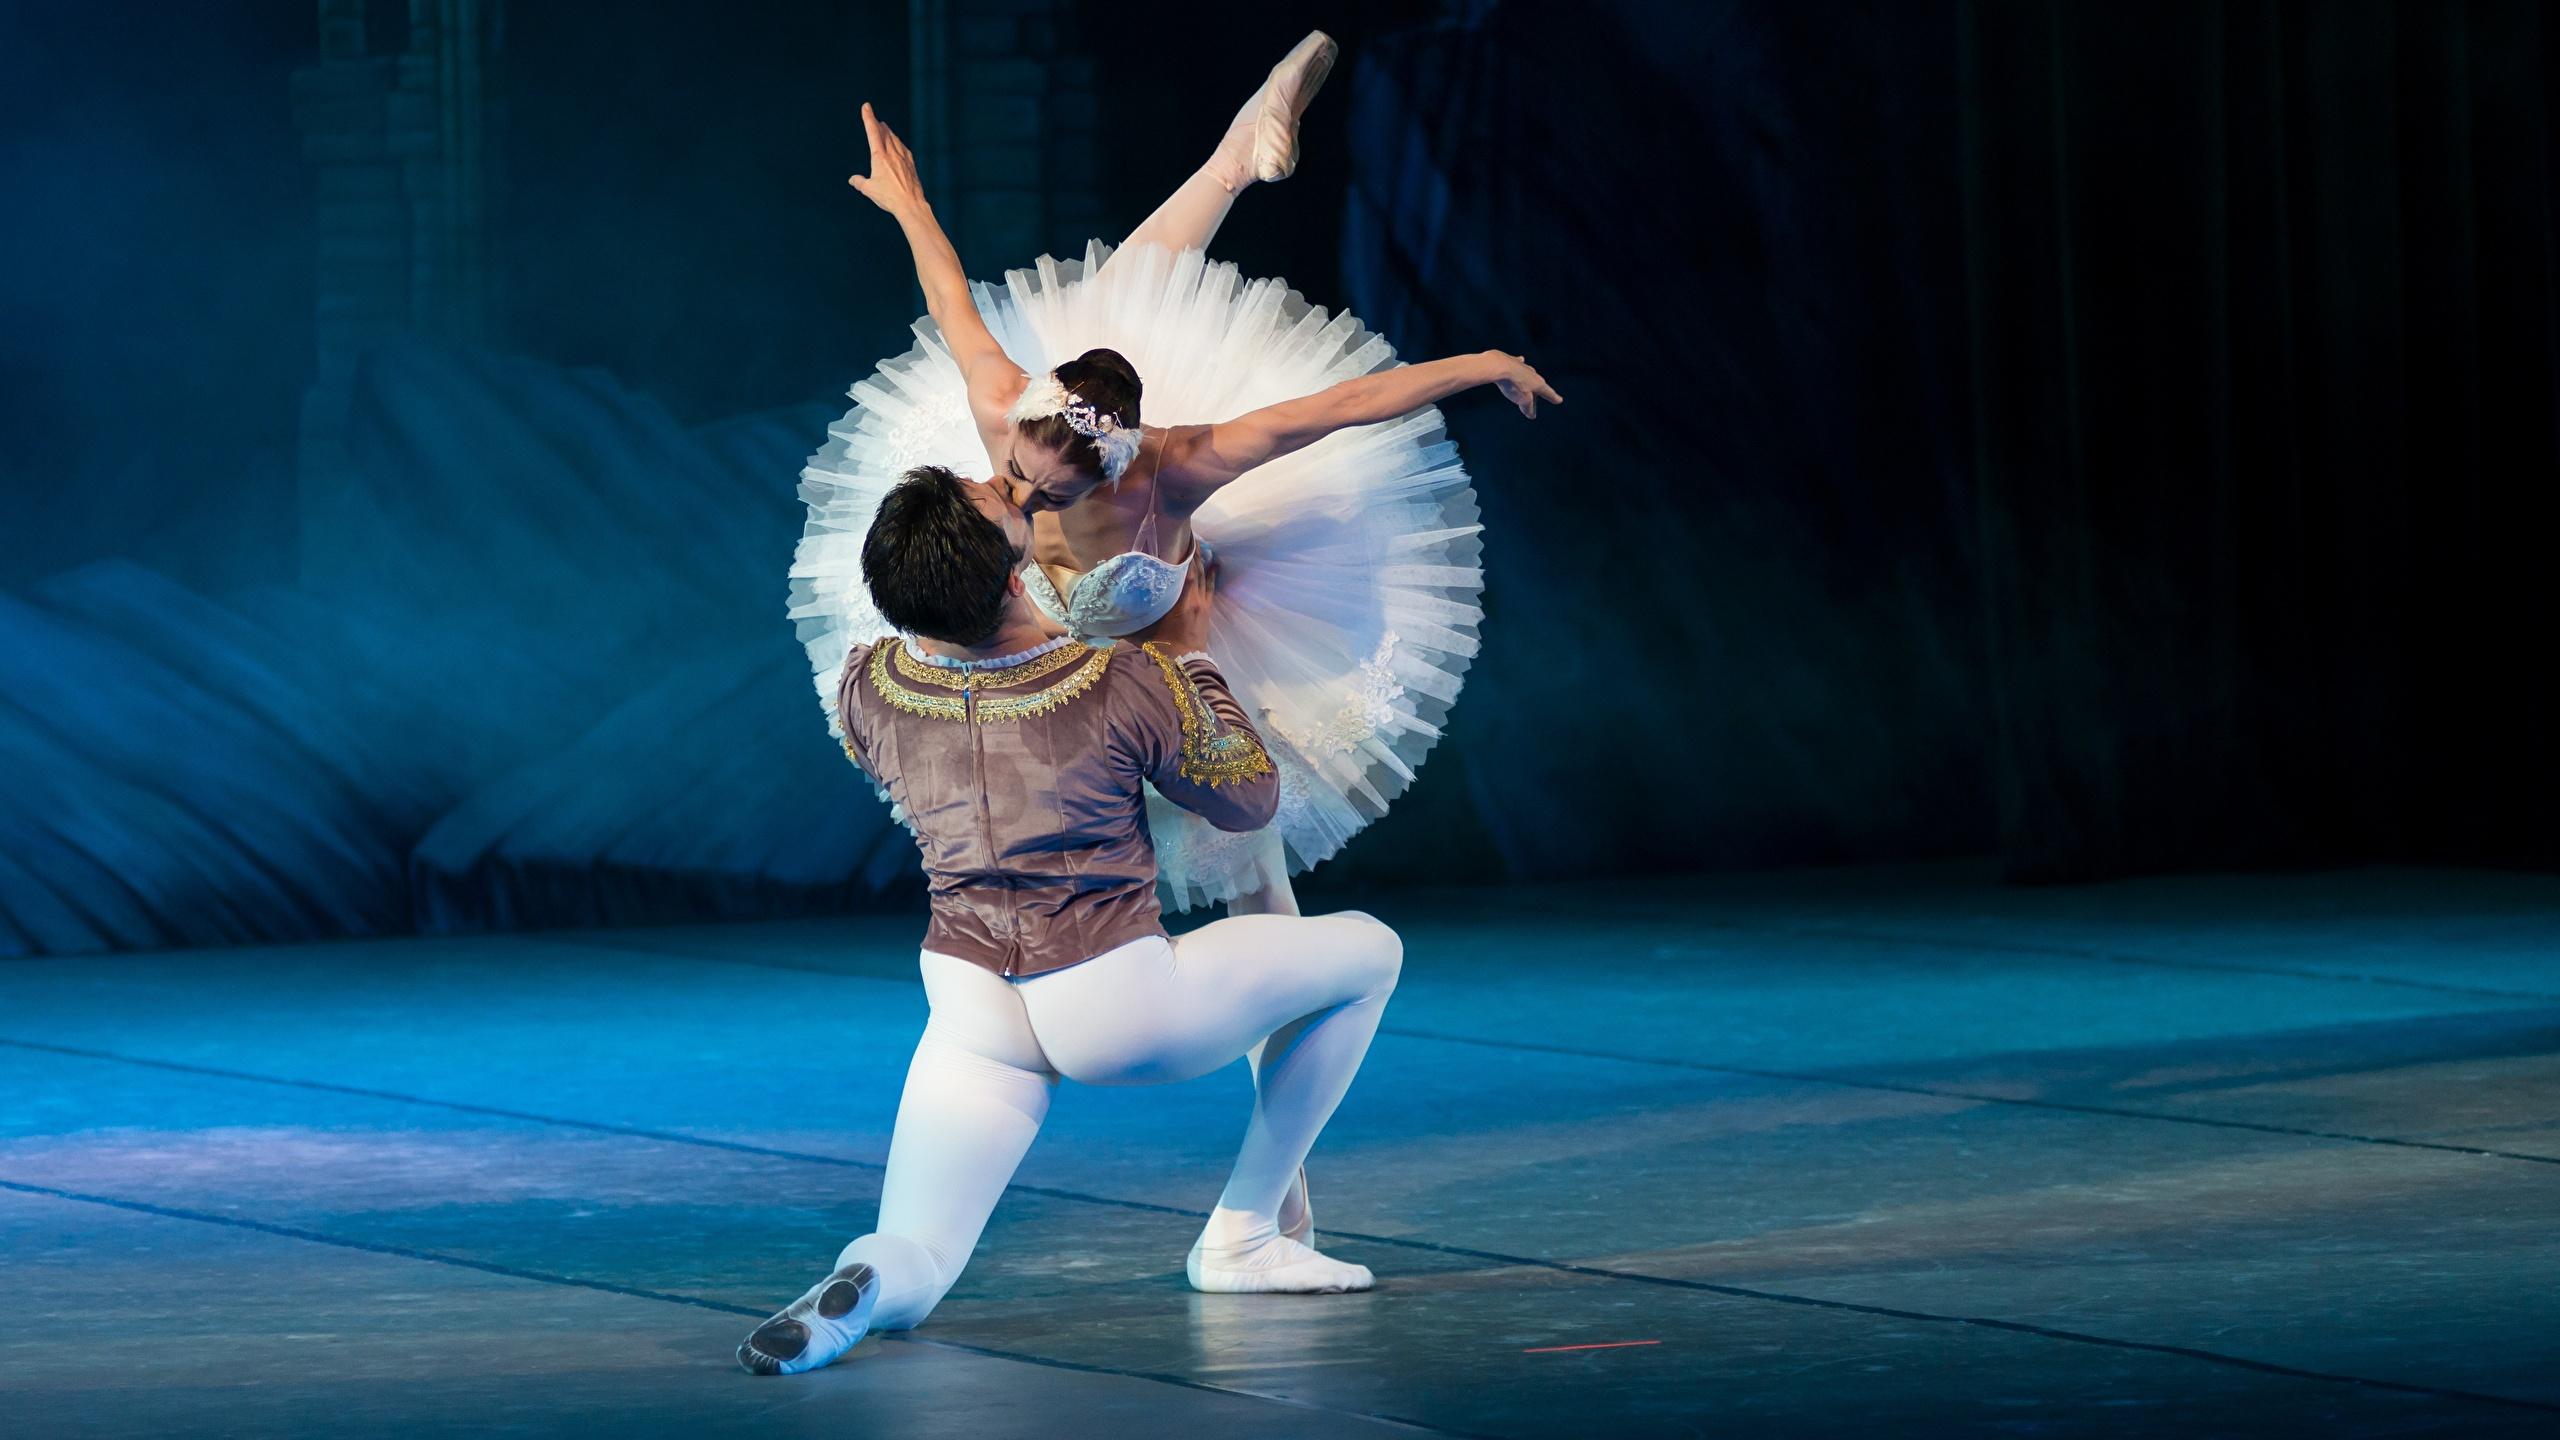 Wallpaper Men Ballet Dance Swan Lake Kiss Two Girls 2560x1440